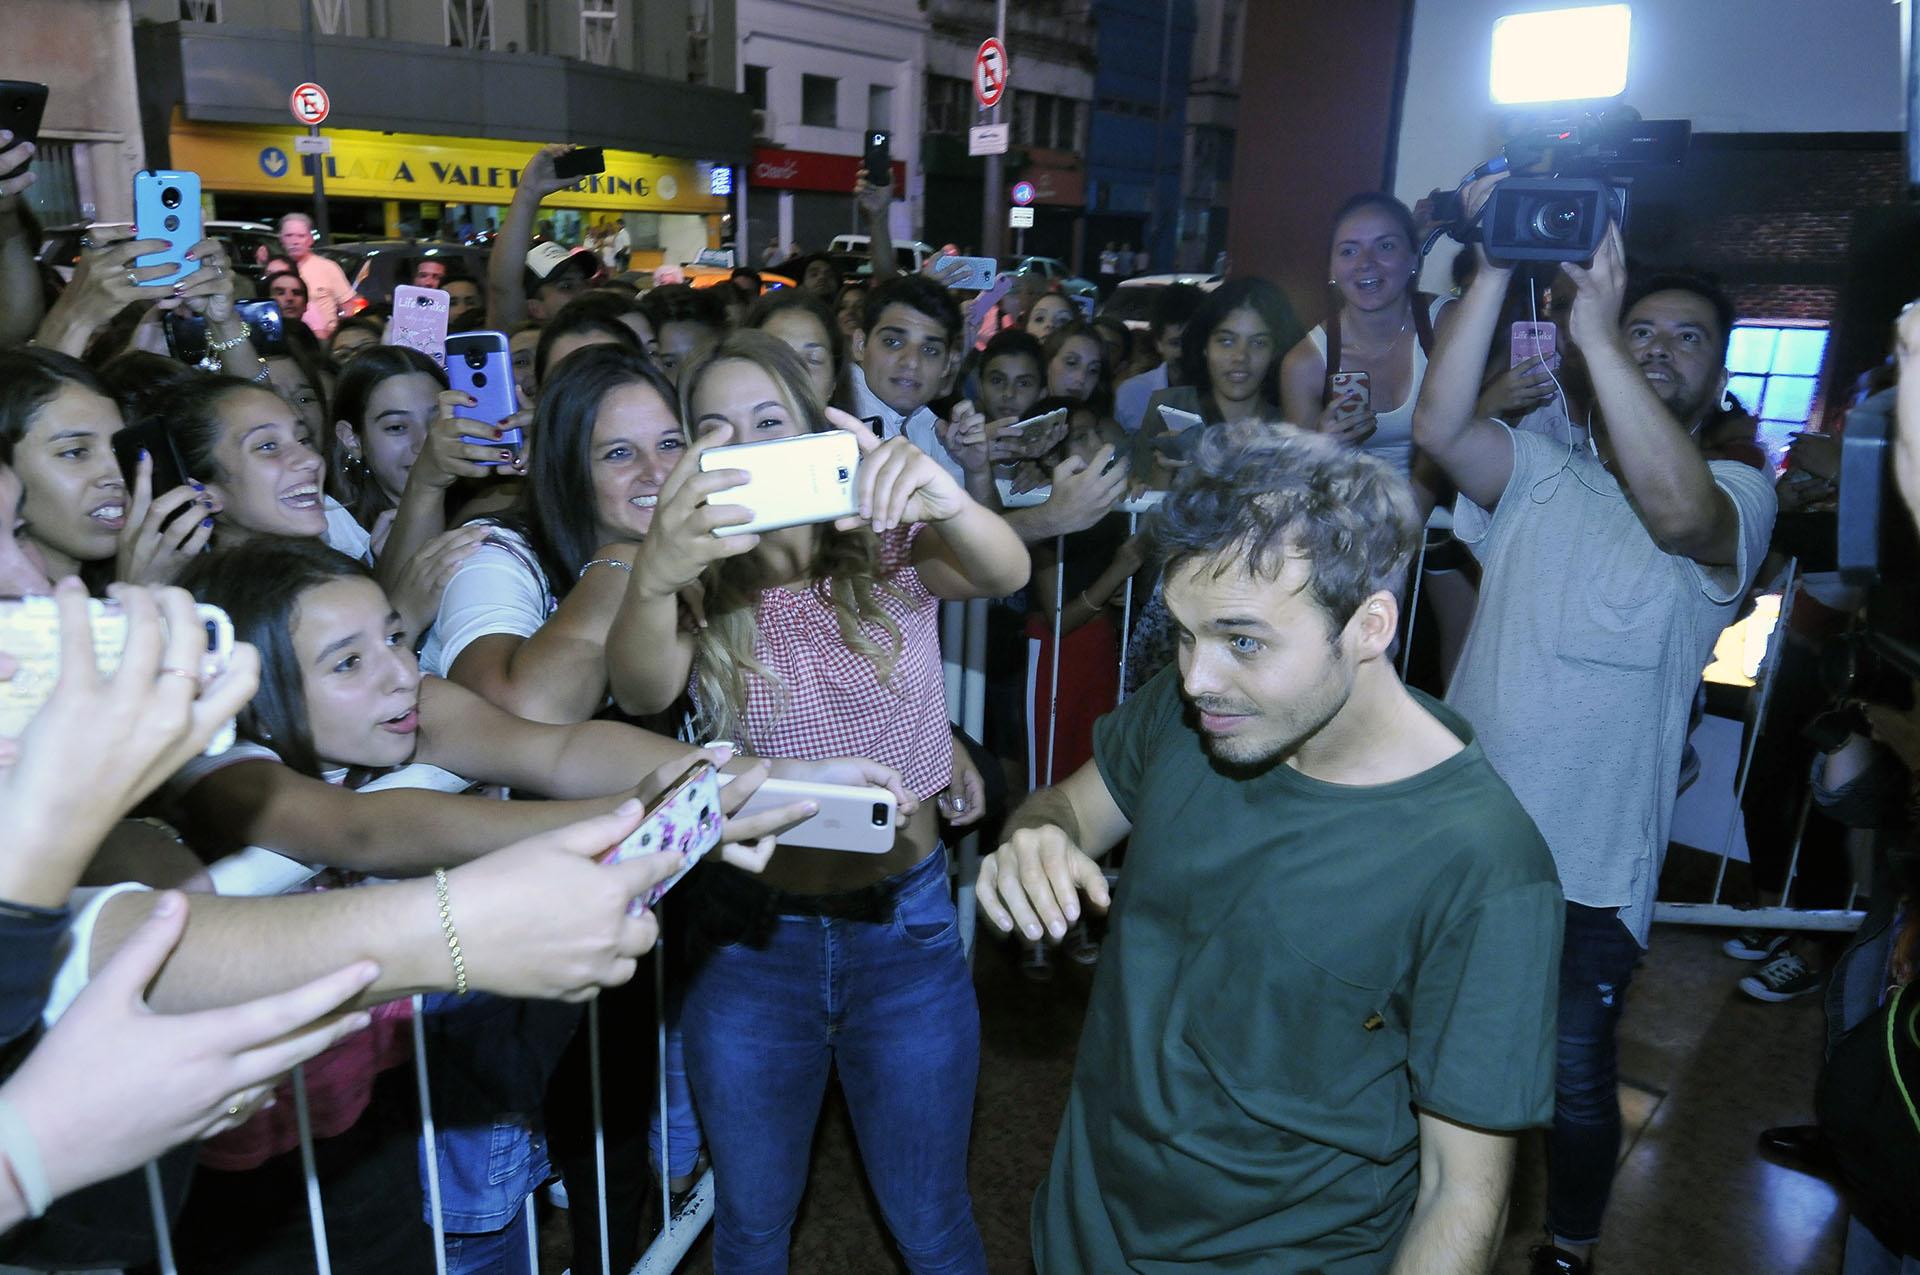 Al salir del teatro, los actores se sacaron fotos con el público